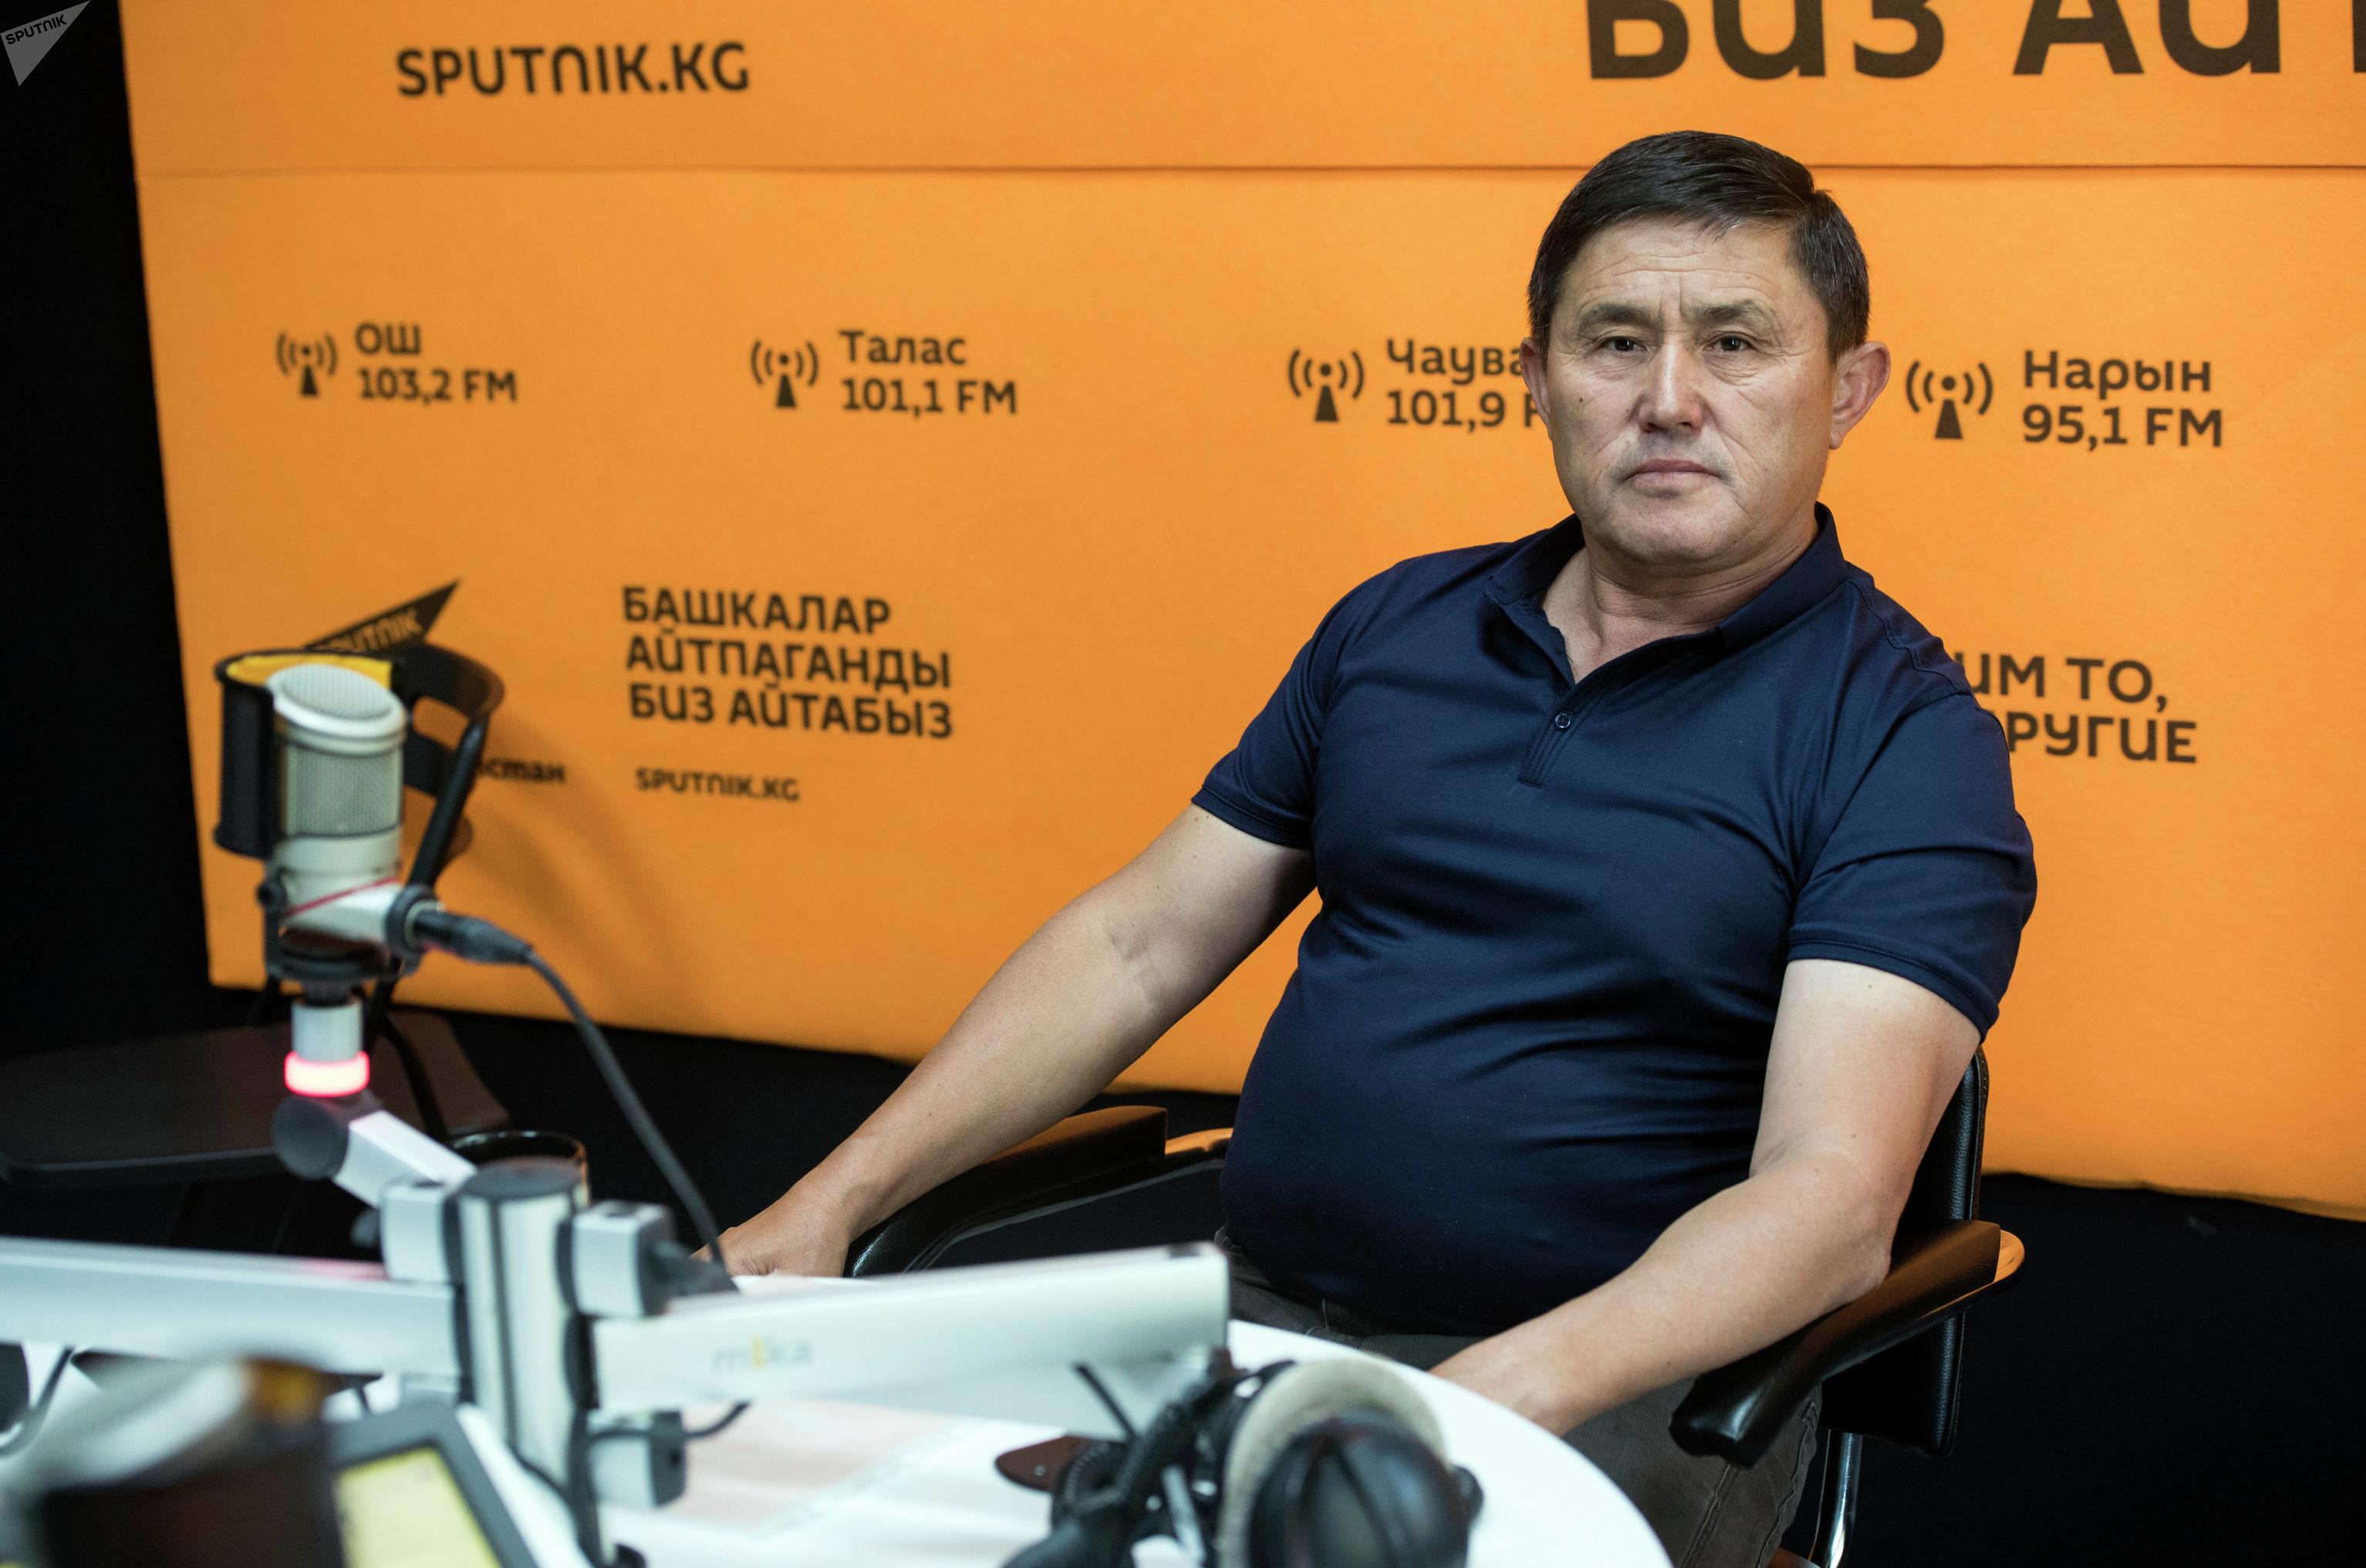 Ветеран афганской войны, полковник Орозбай Колубаев во время беседы на радио Sputnik Кыргызстан